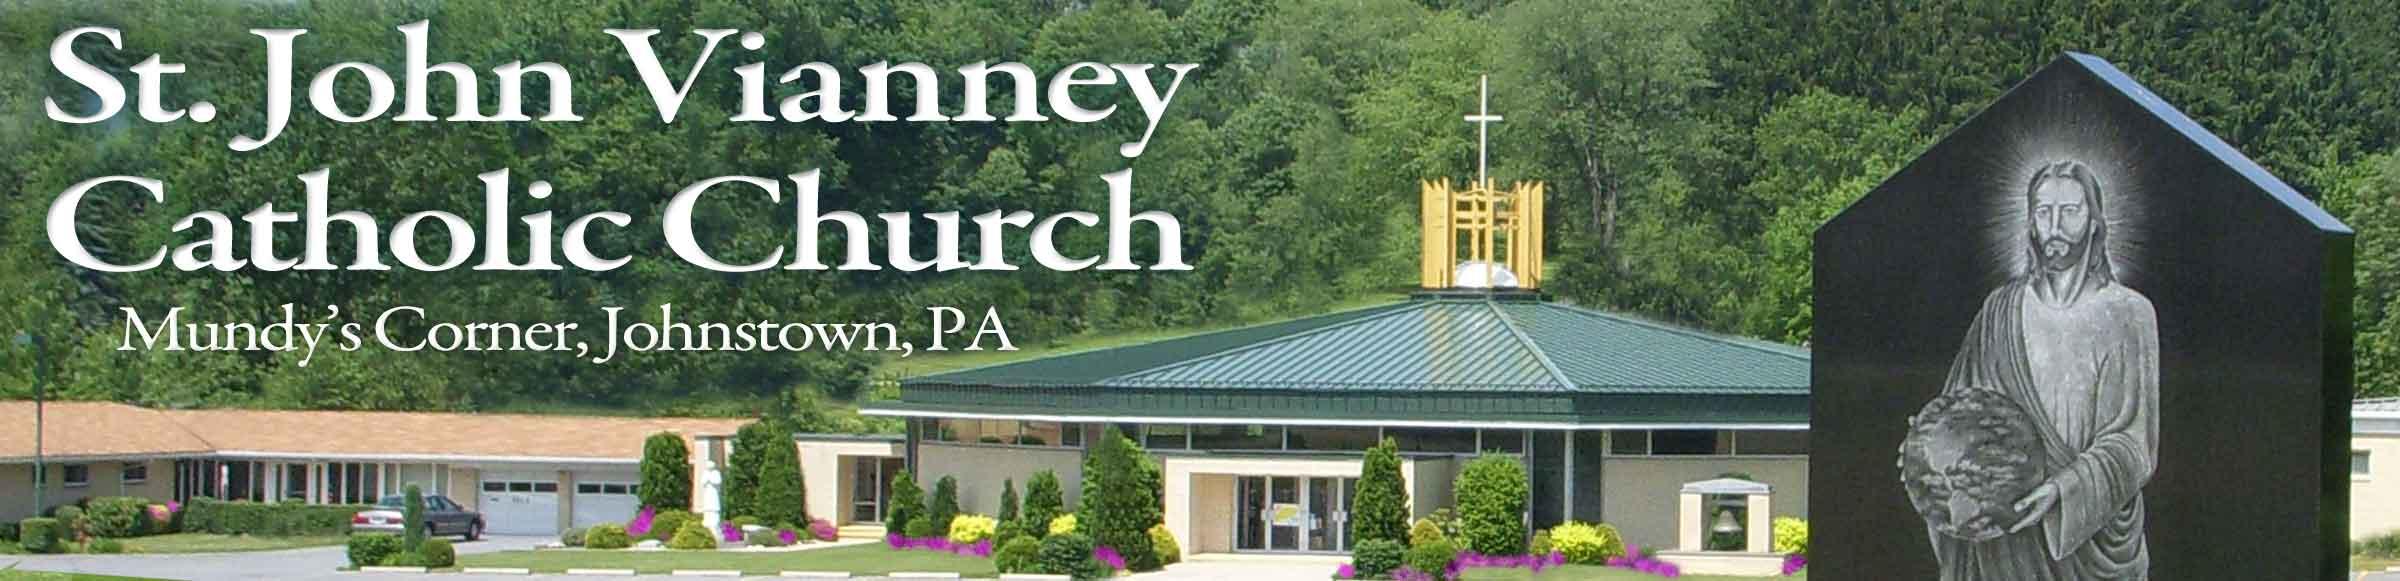 Saint John Vianney Catholic Church Retina Logo